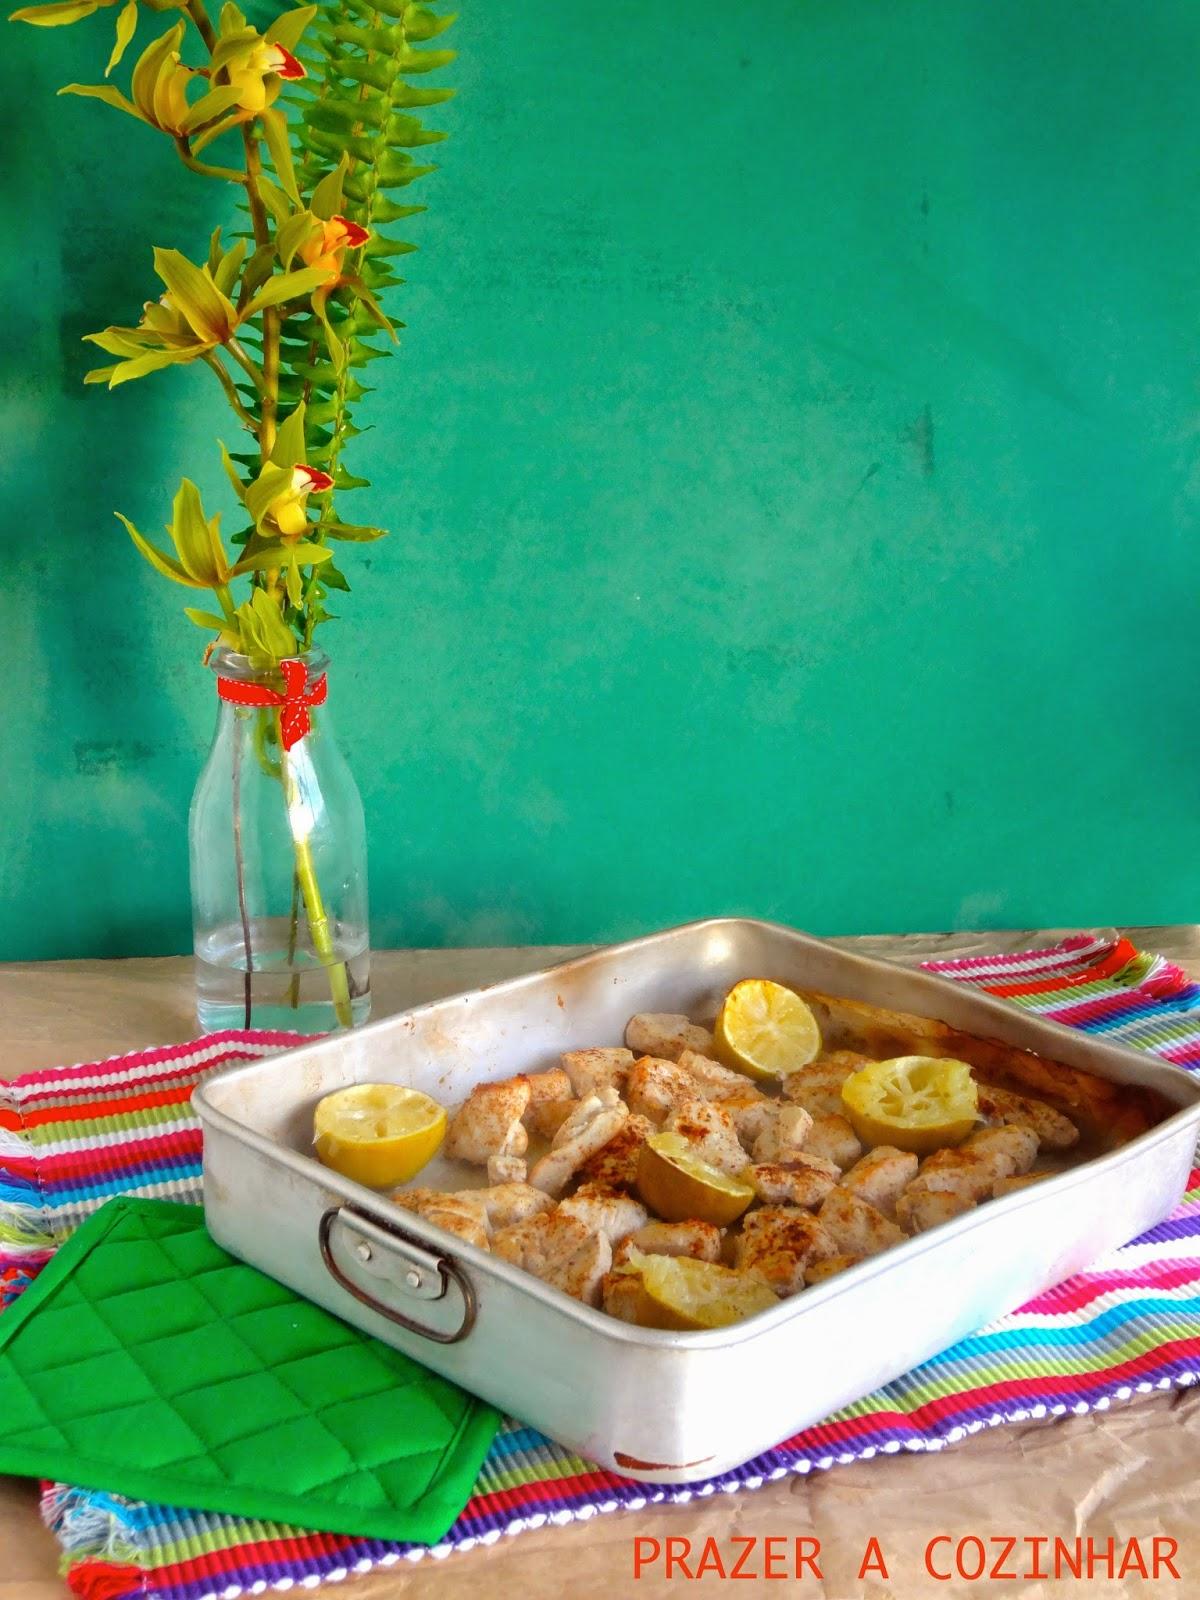 prazer a cozinhar - Frango picante com lima